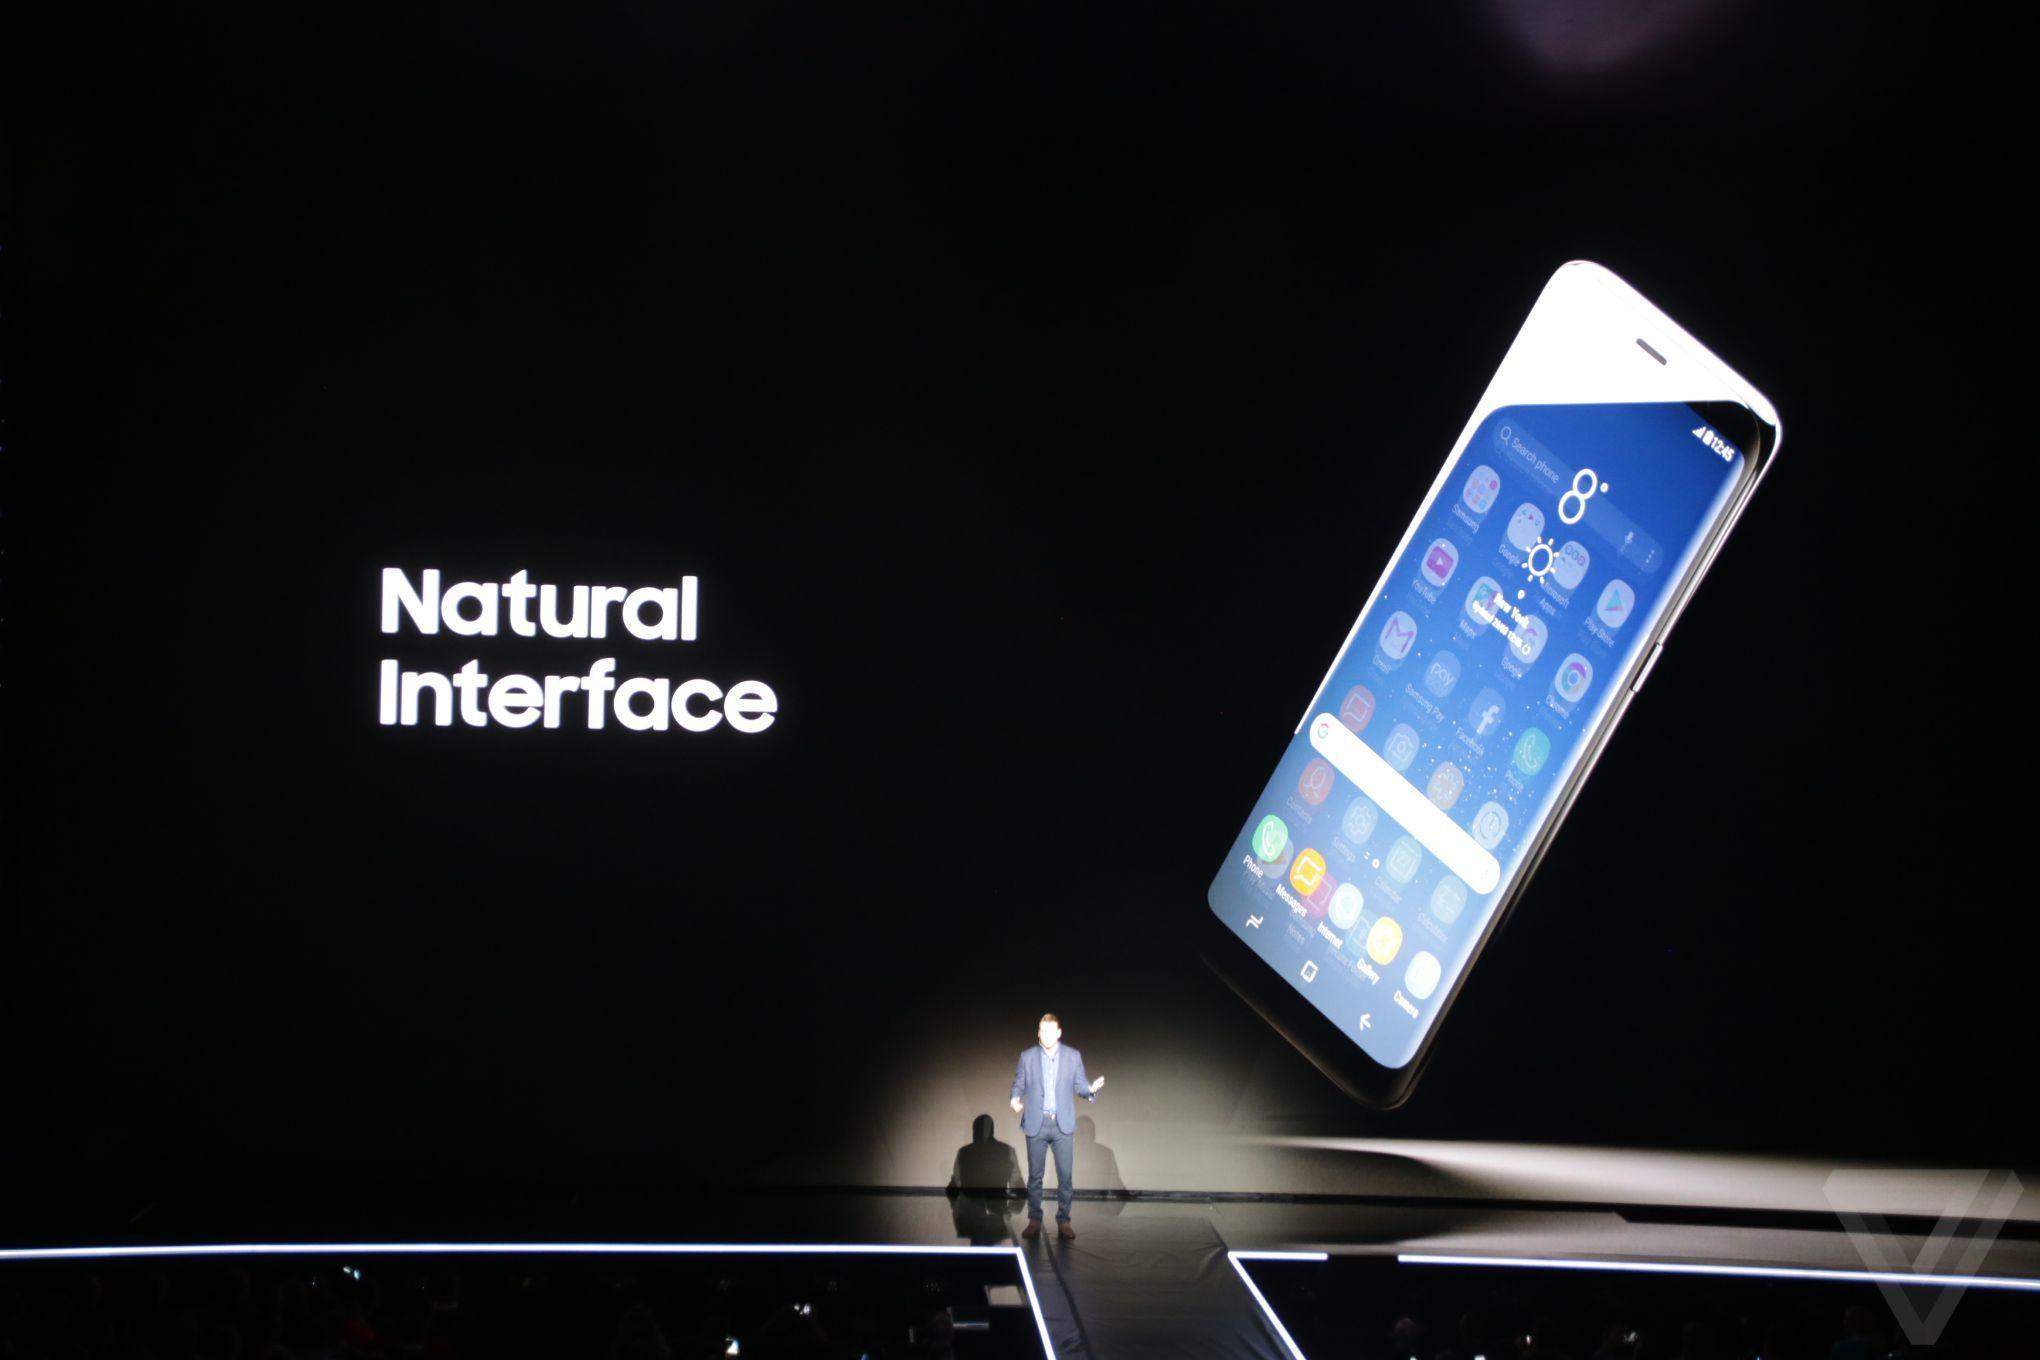 Компания Samsung представила новый флагман Galaxy S8 (Иллюстрация 2 из 3)